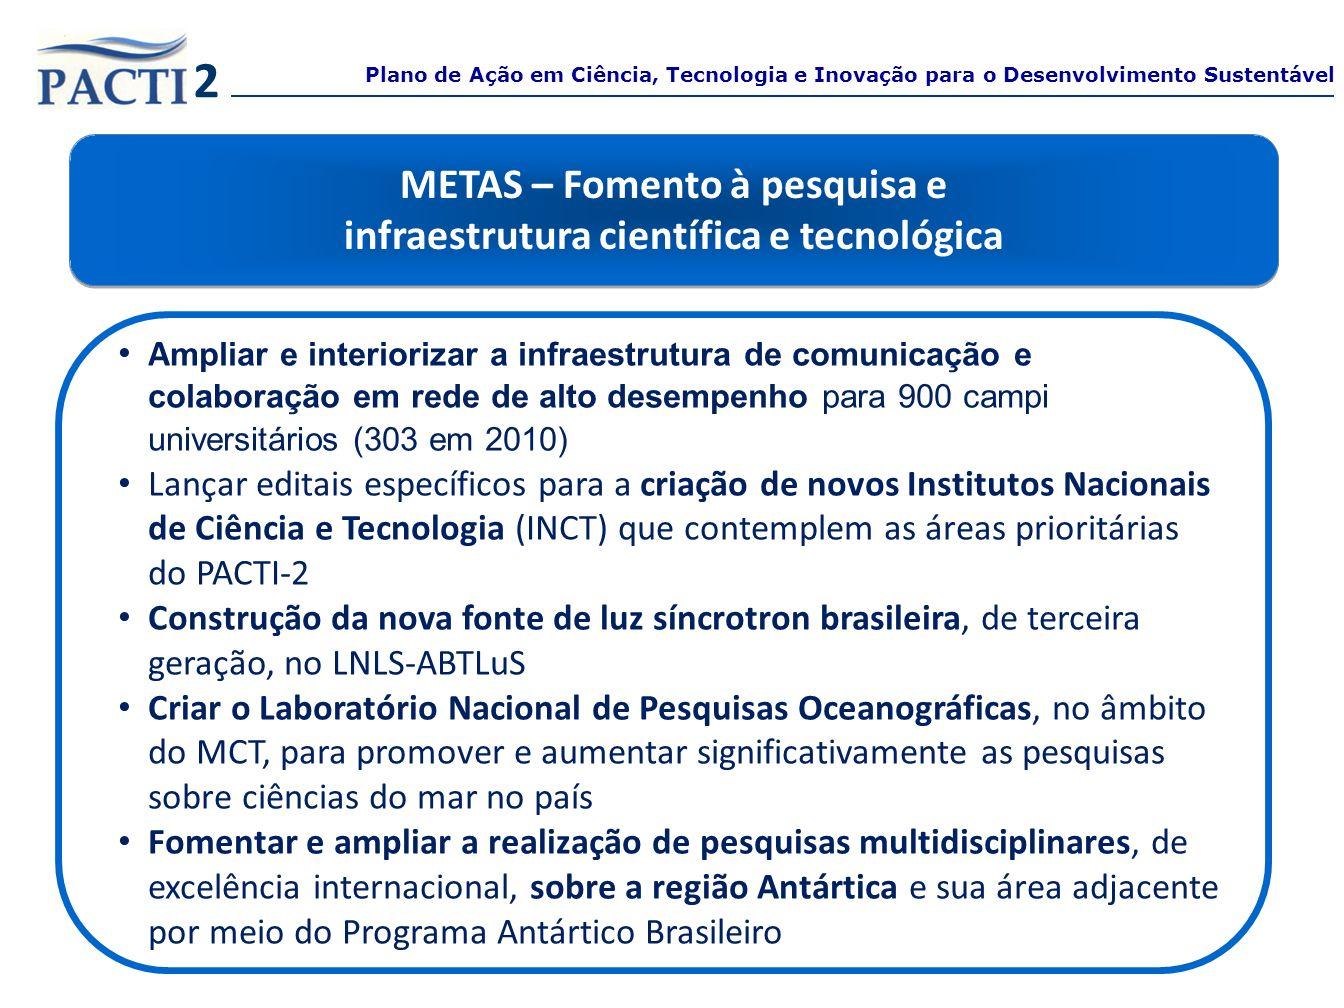 METAS – Fomento à pesquisa e infraestrutura científica e tecnológica